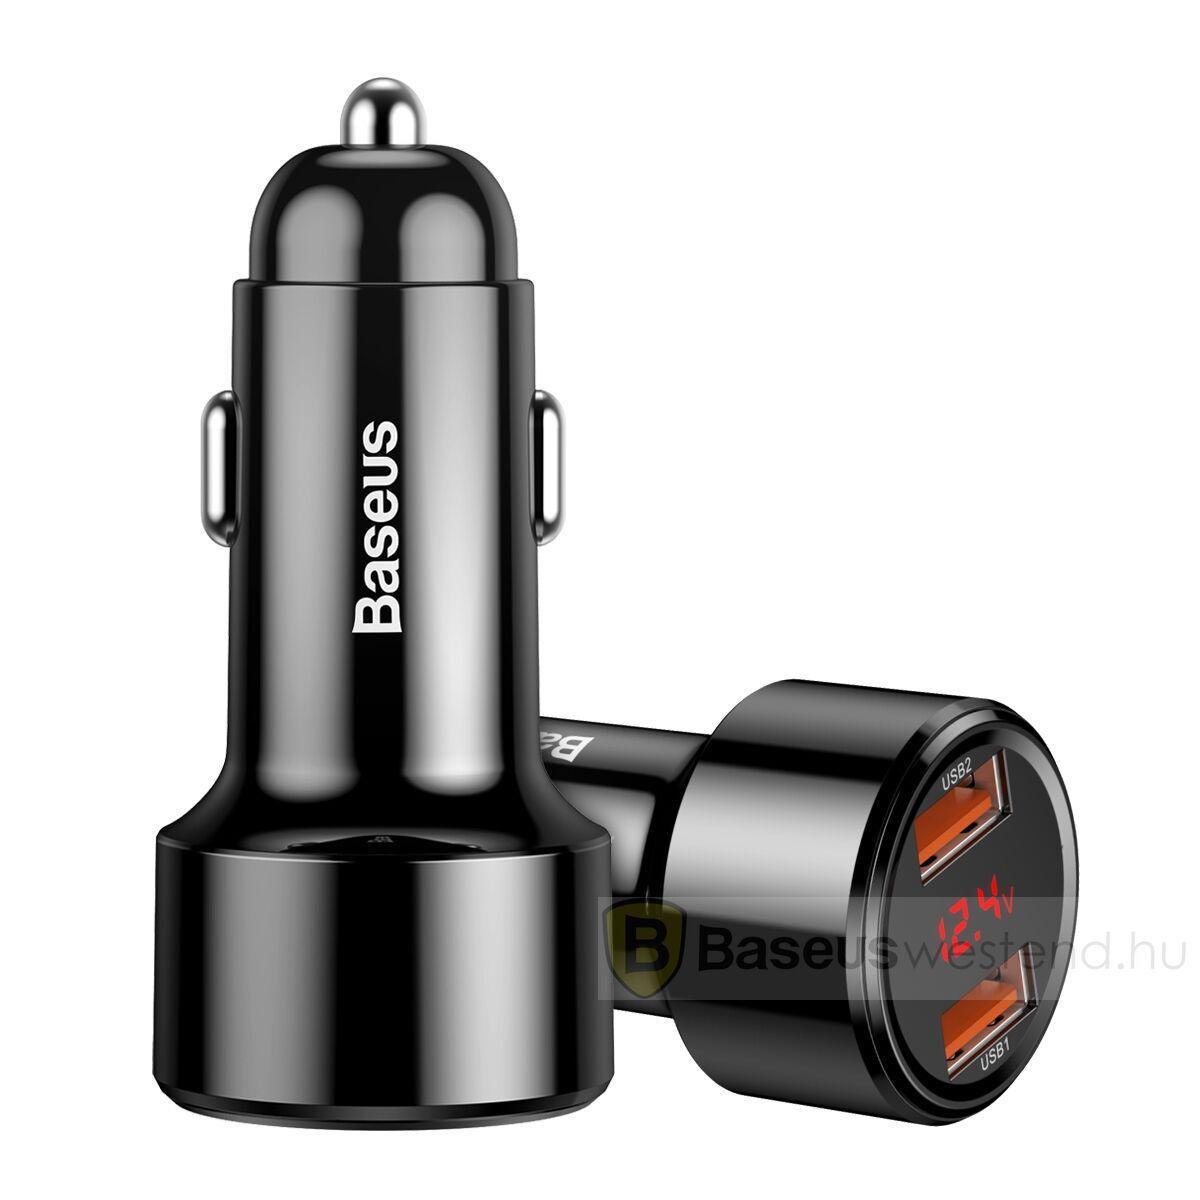 Baseus autós töltő, Magic Series Dual QC digitális kijelzővel gyors töltés, 45W, fekete (CCMLC20A-01)